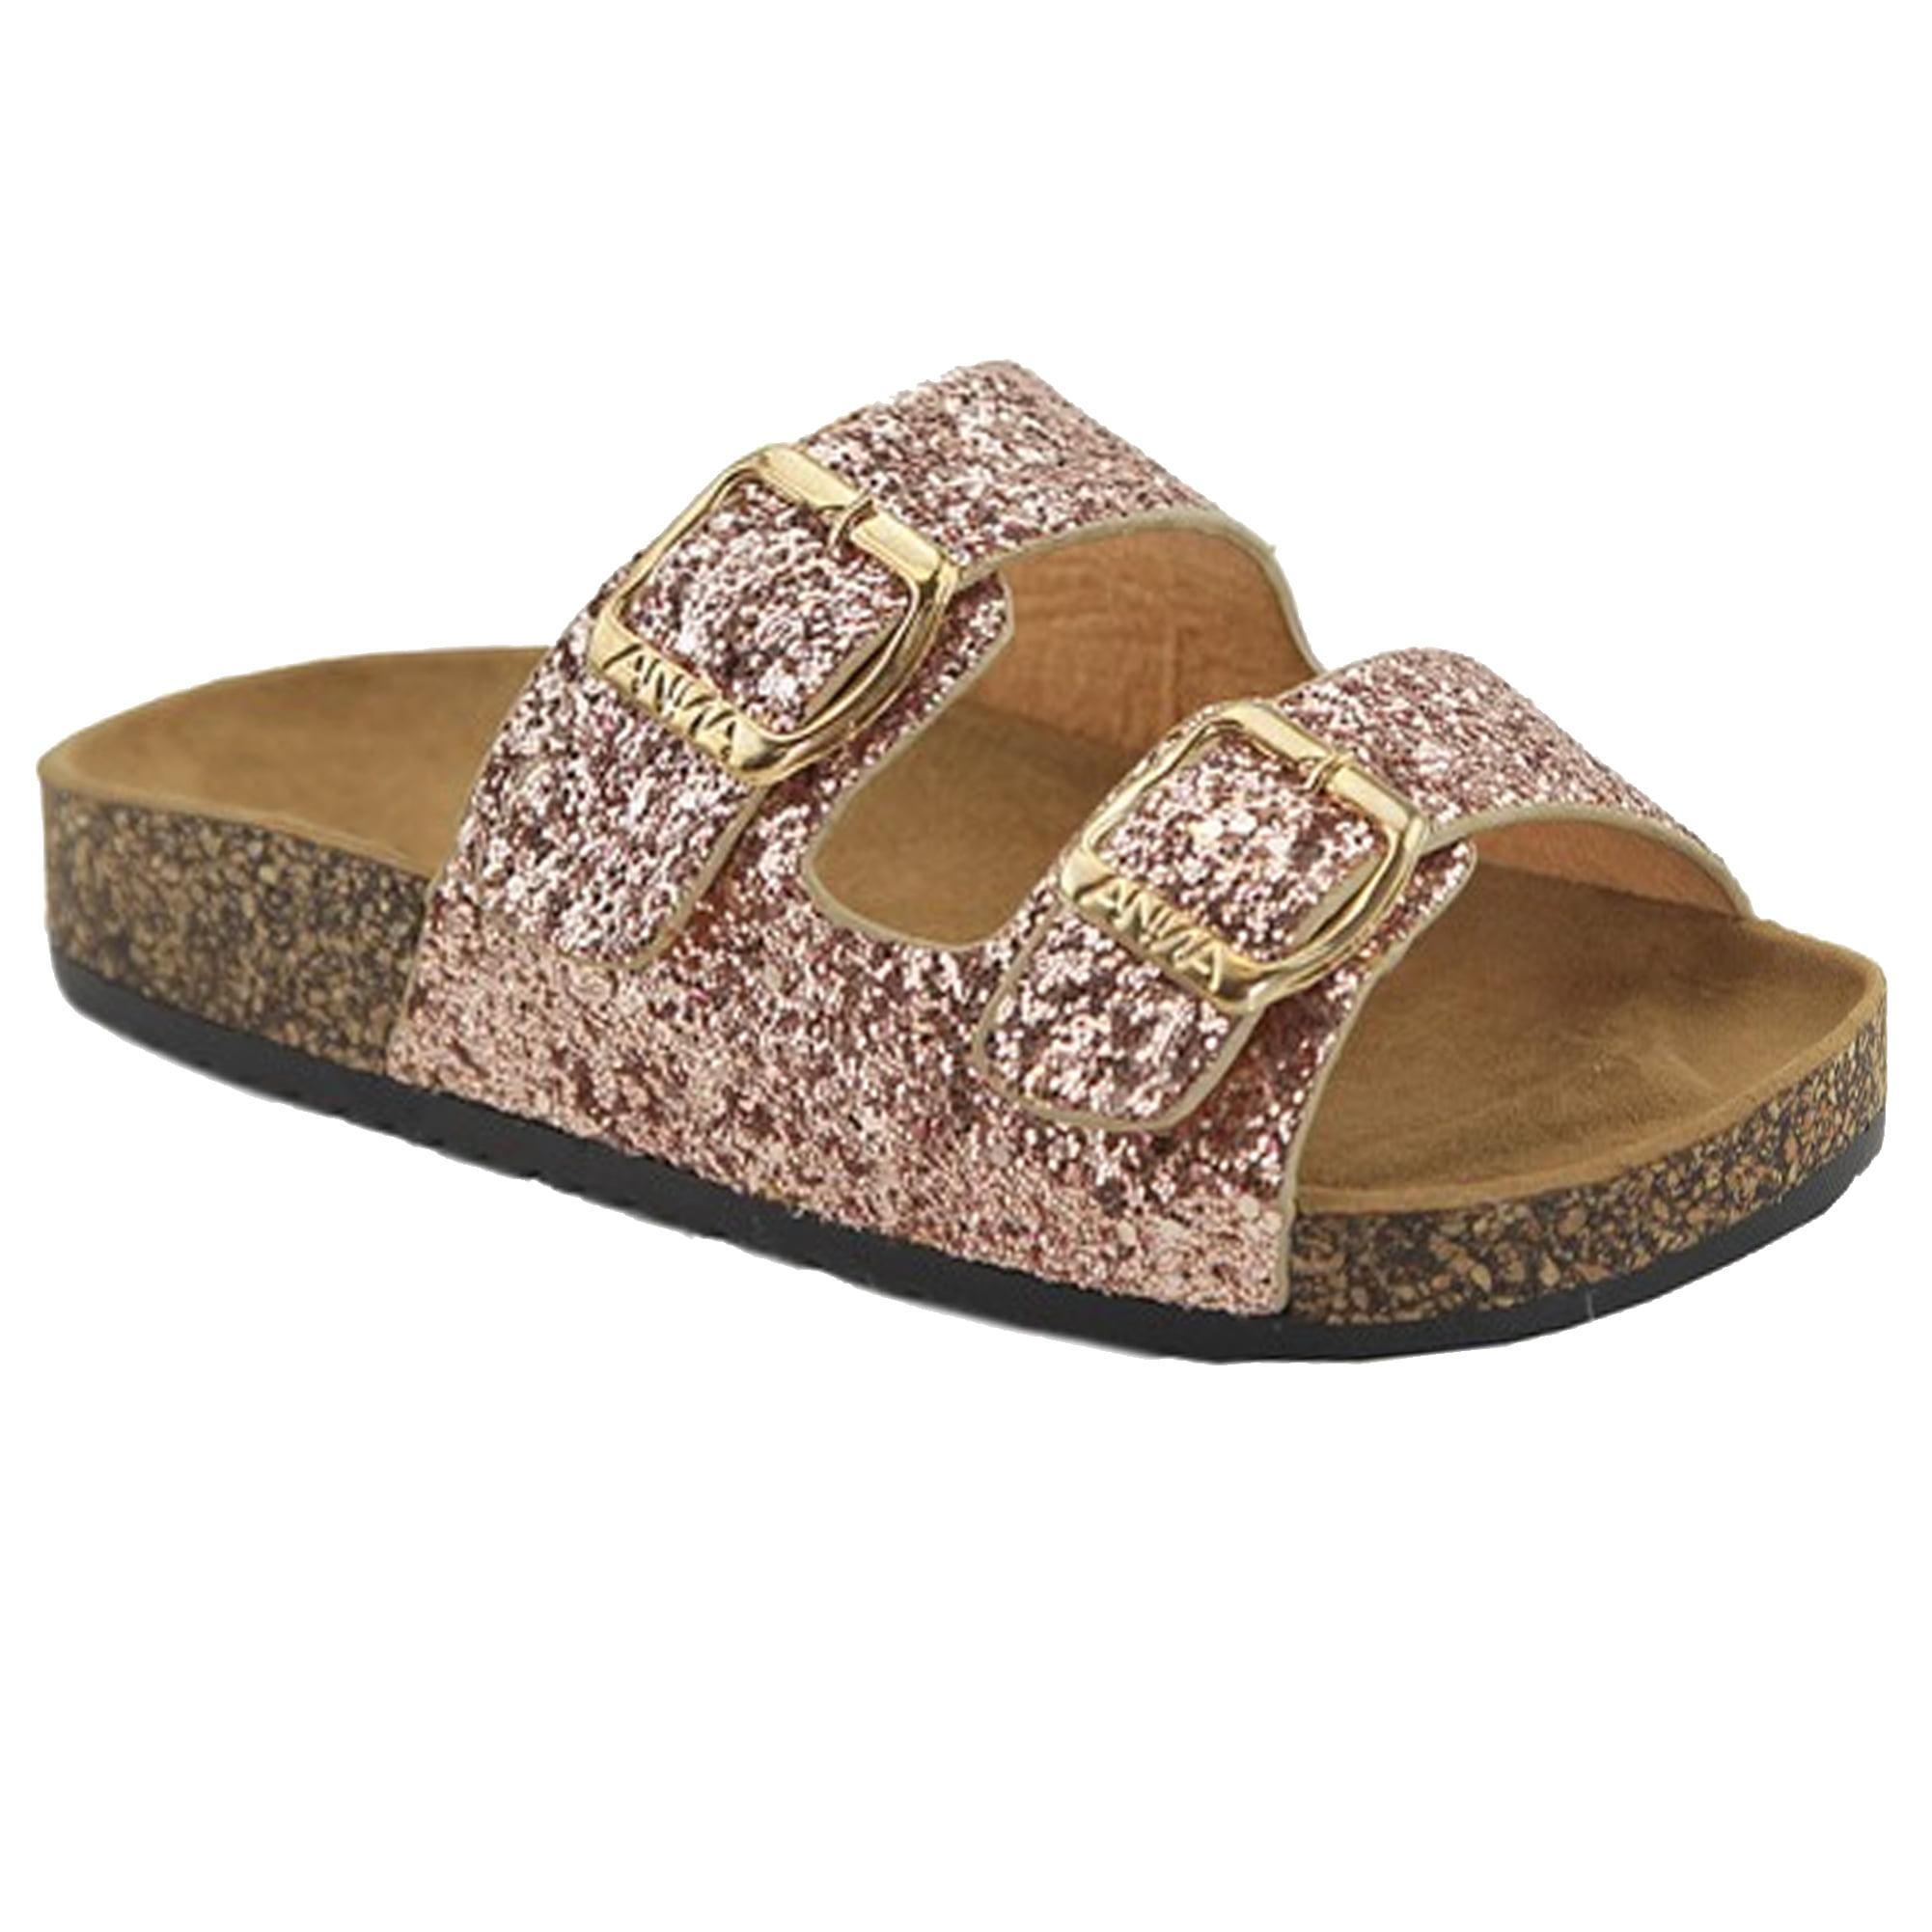 Double Strap Cork Sole Slide Sandals